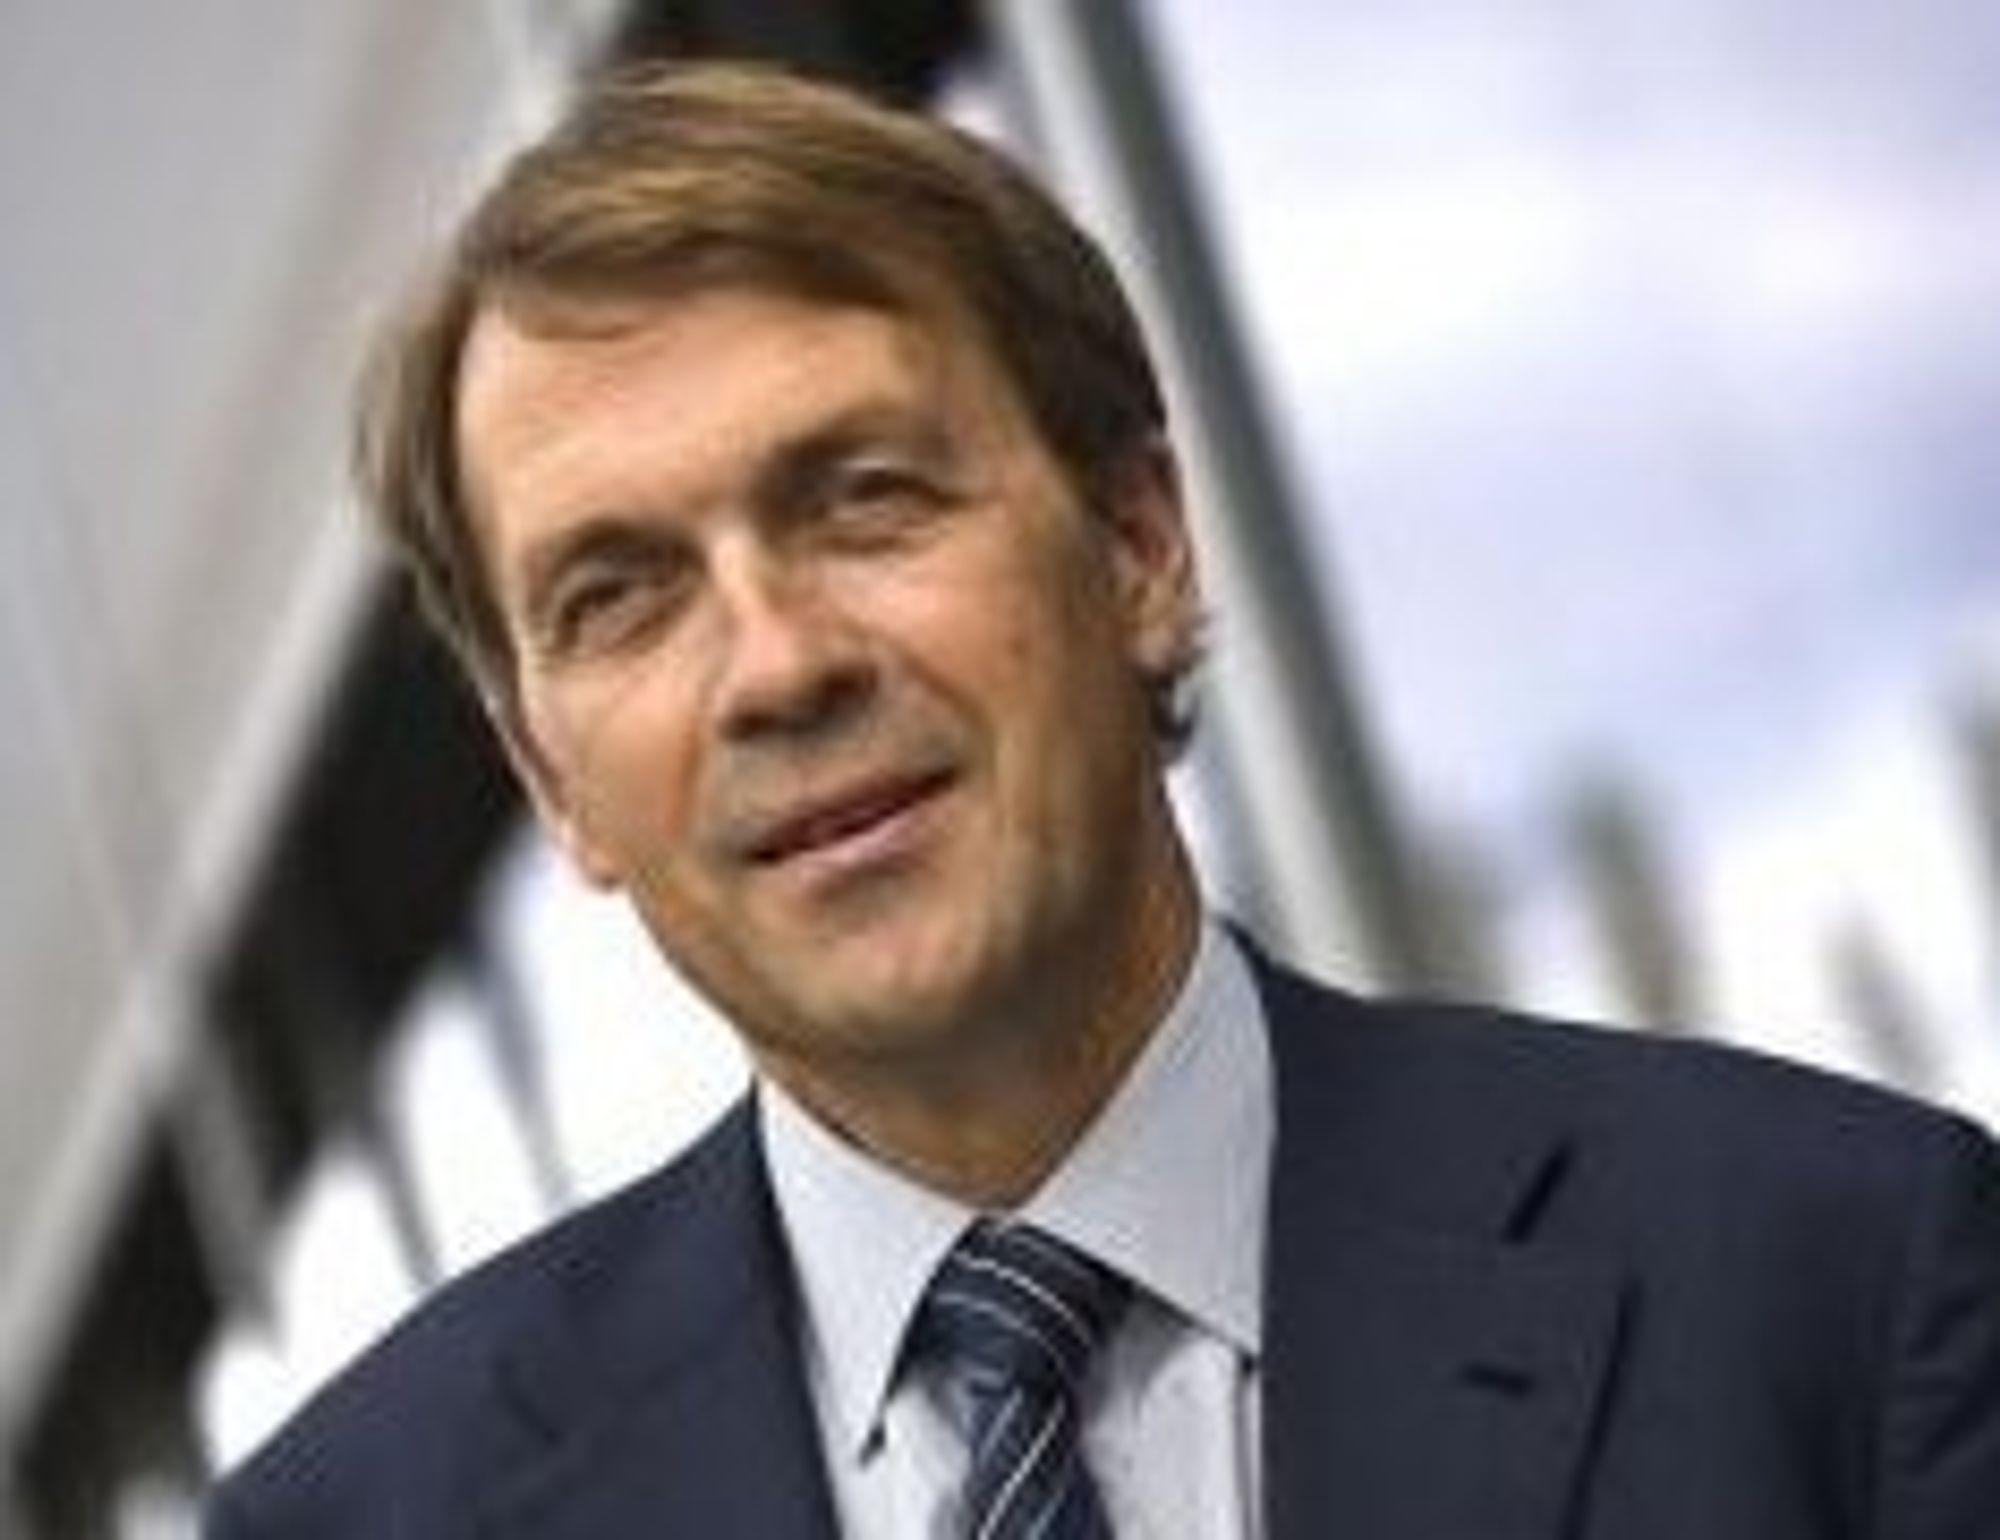 - LITE STRIDIGHETER: Hydro-sjef Eivind Reiten skryter av politikernes håndtering av StatoilHydro-fusjonen.